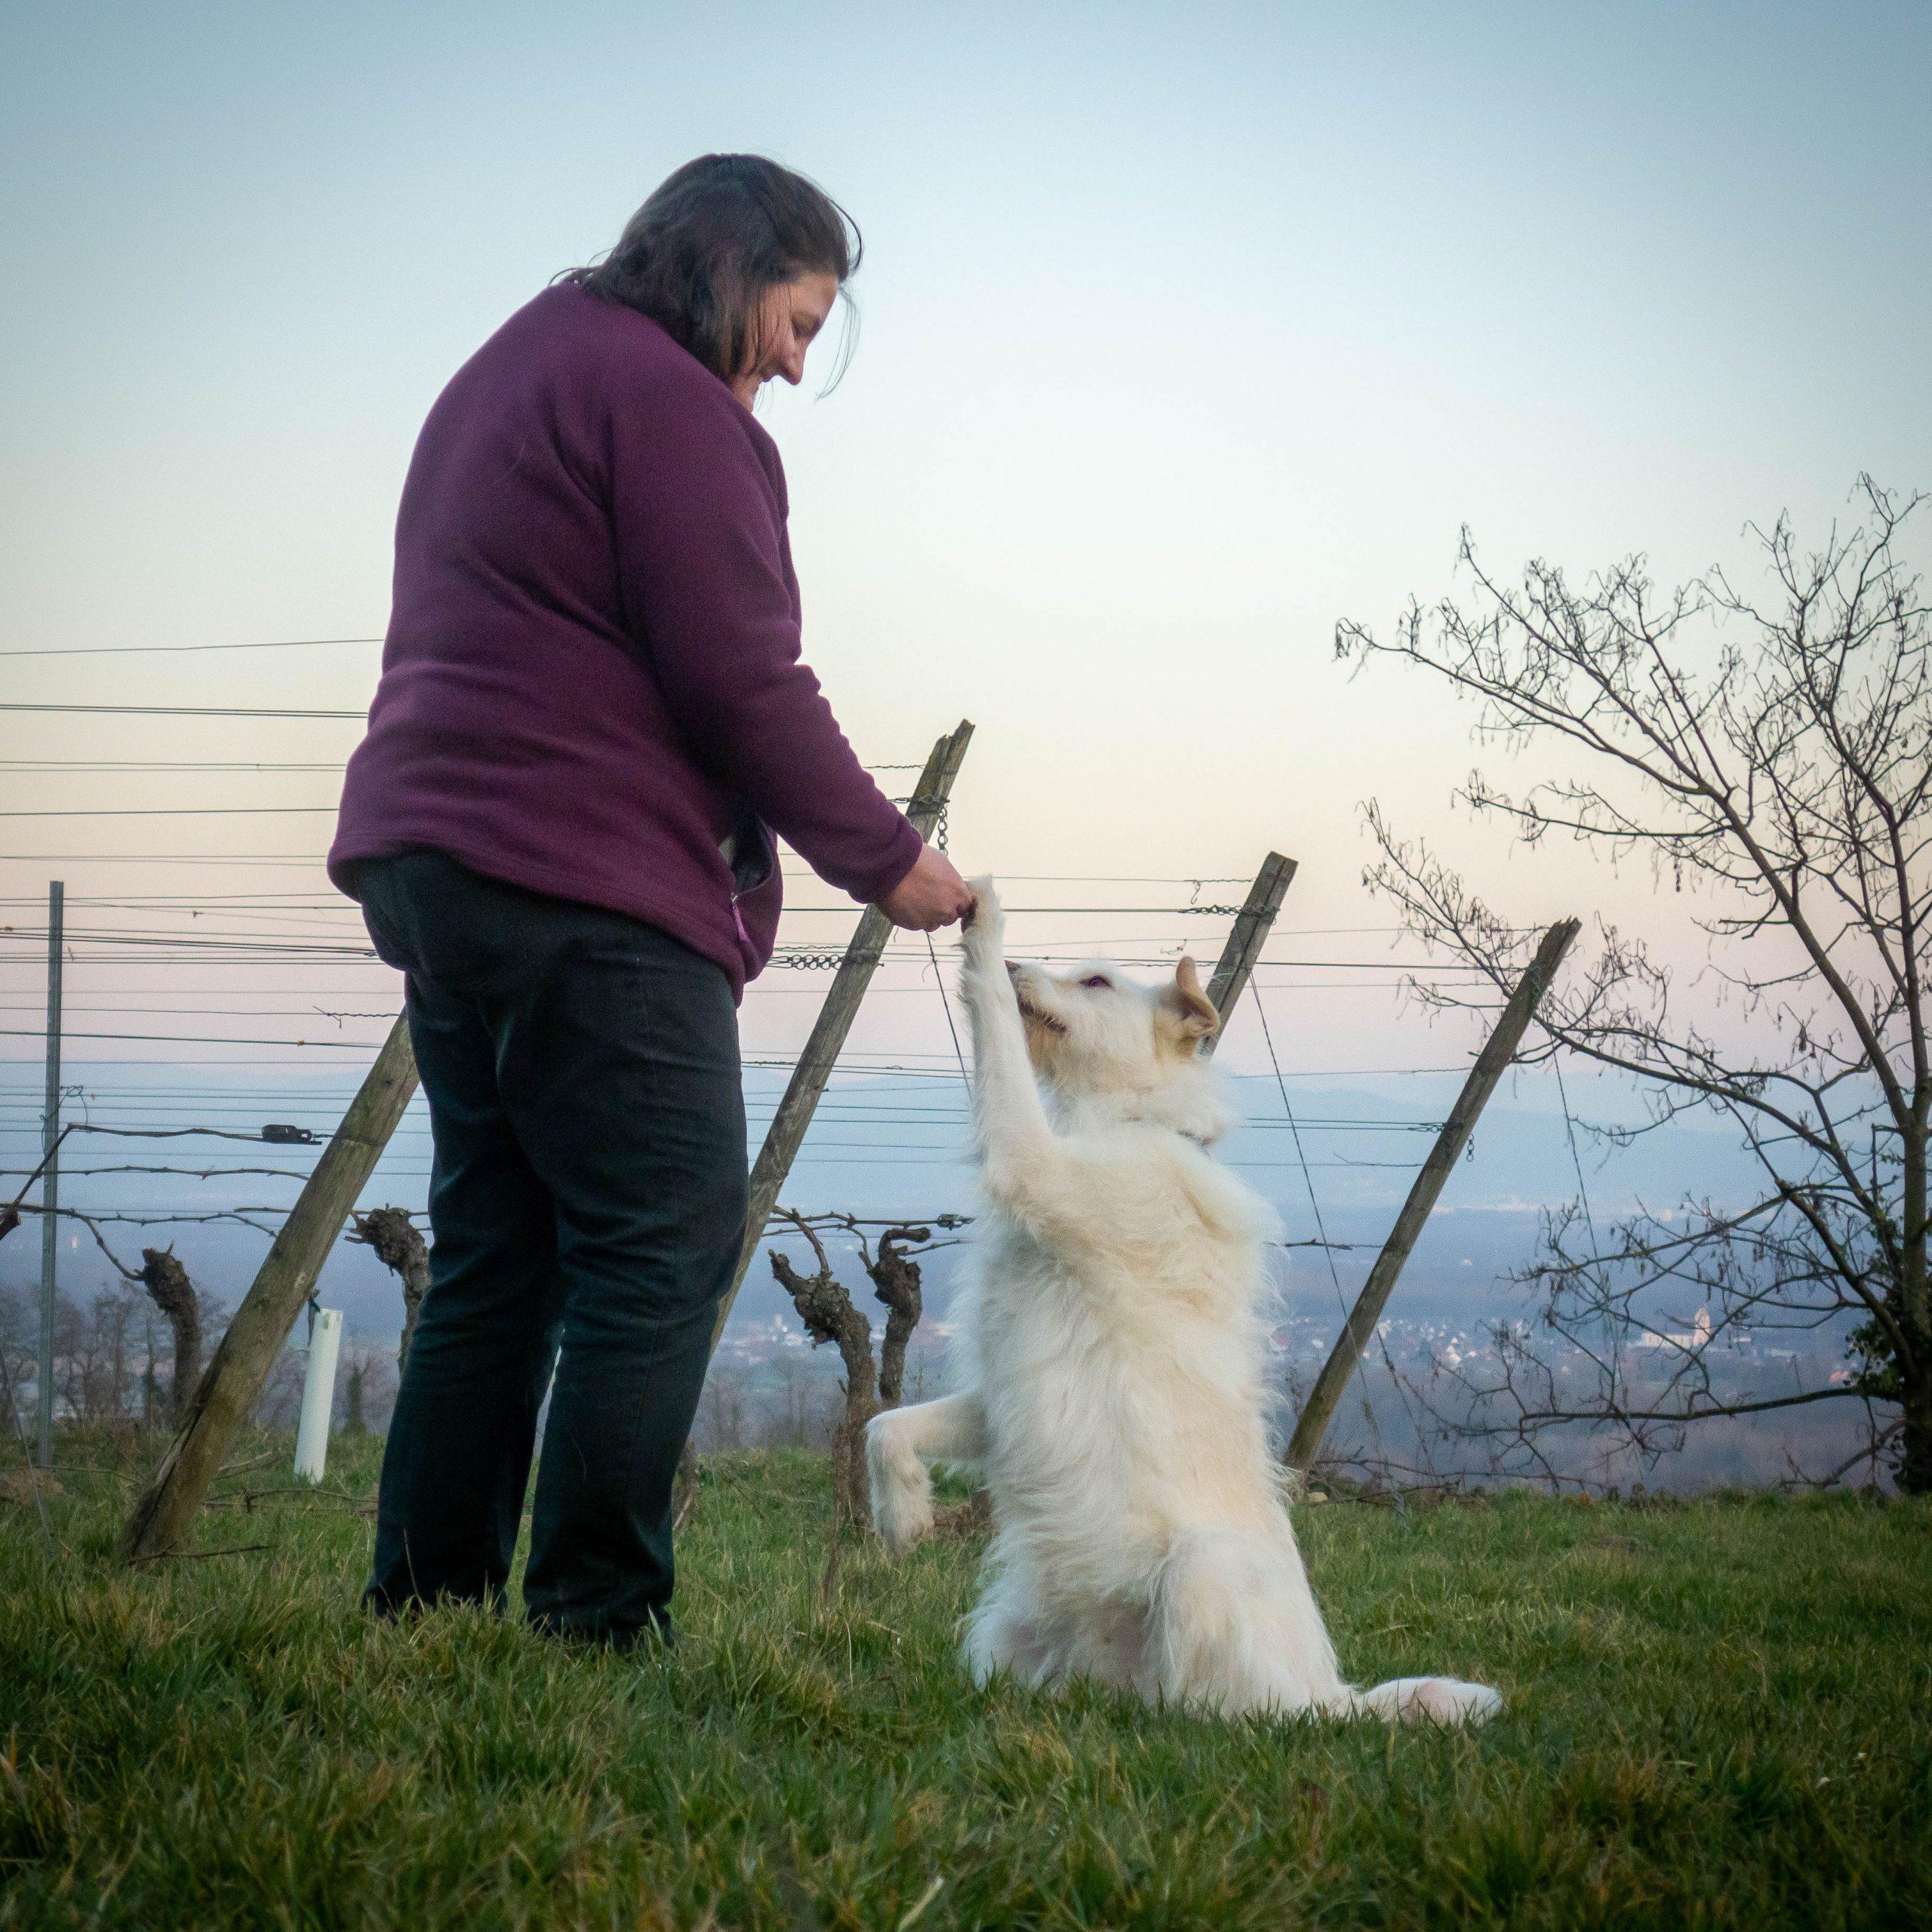 Mensch mit Hund in den Reben, Hund macht Männchen